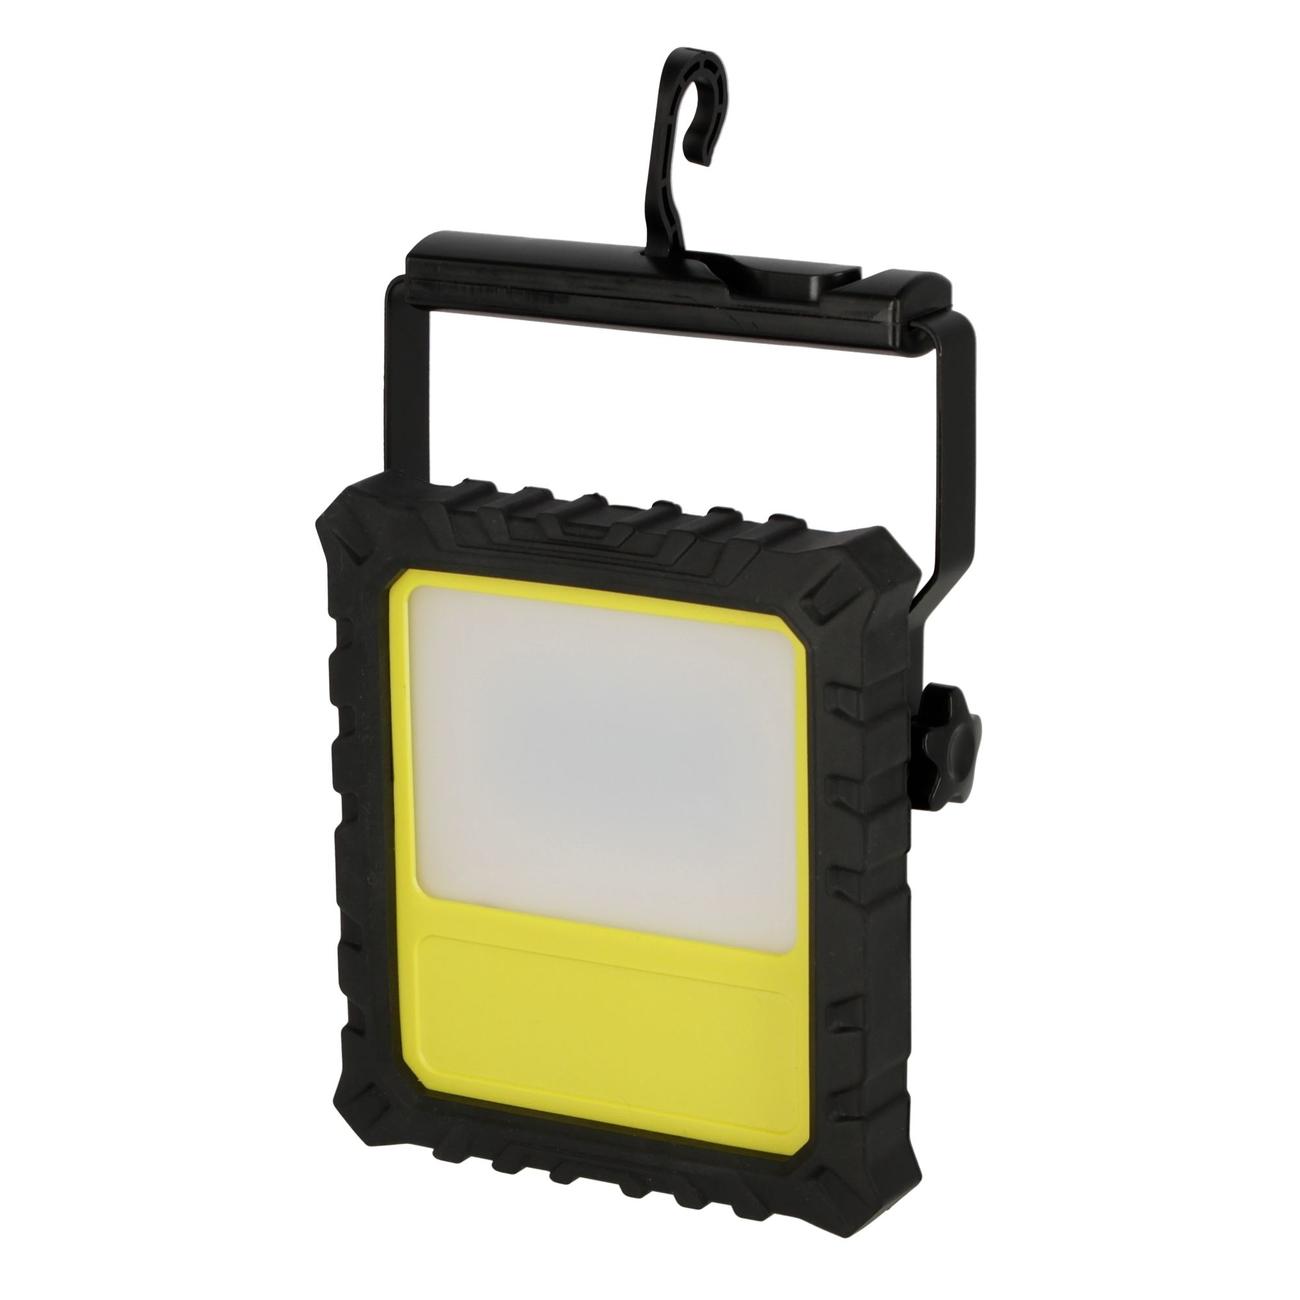 Kerbl Mobiler LED Akku Strahler WorkFire Pro Preview Image